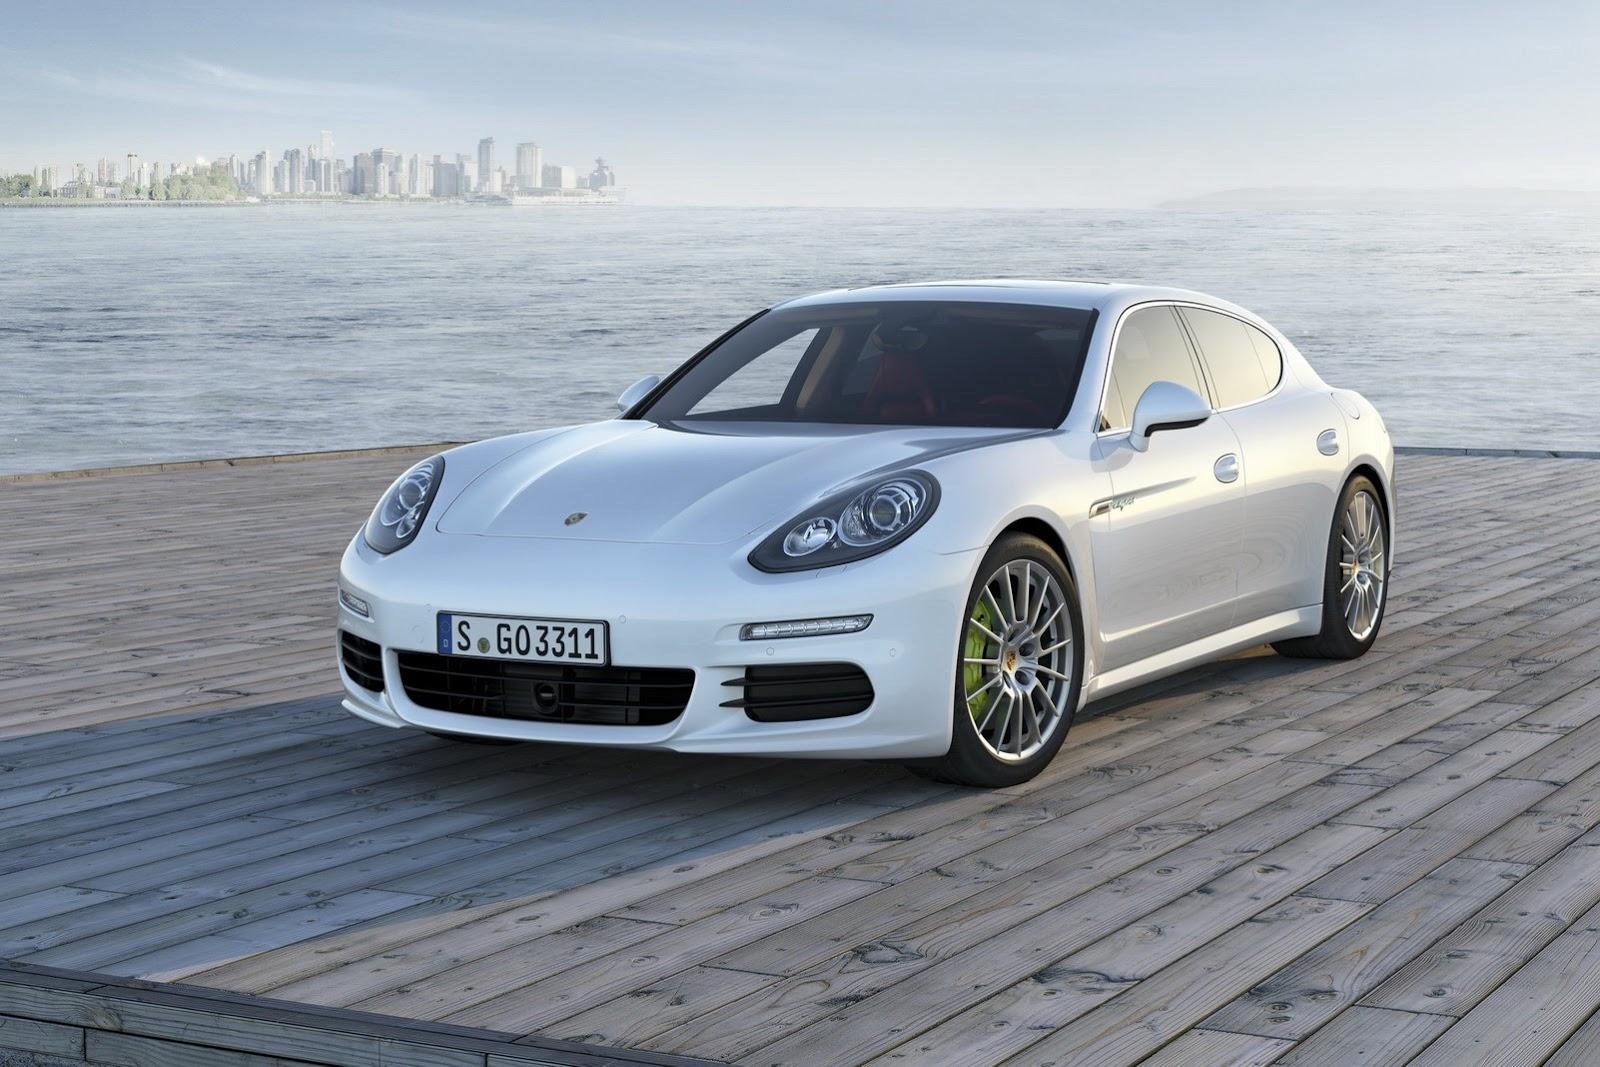 Porsche Panamera S E-Hybrid chỉ tiêu tốn 2.8 lít